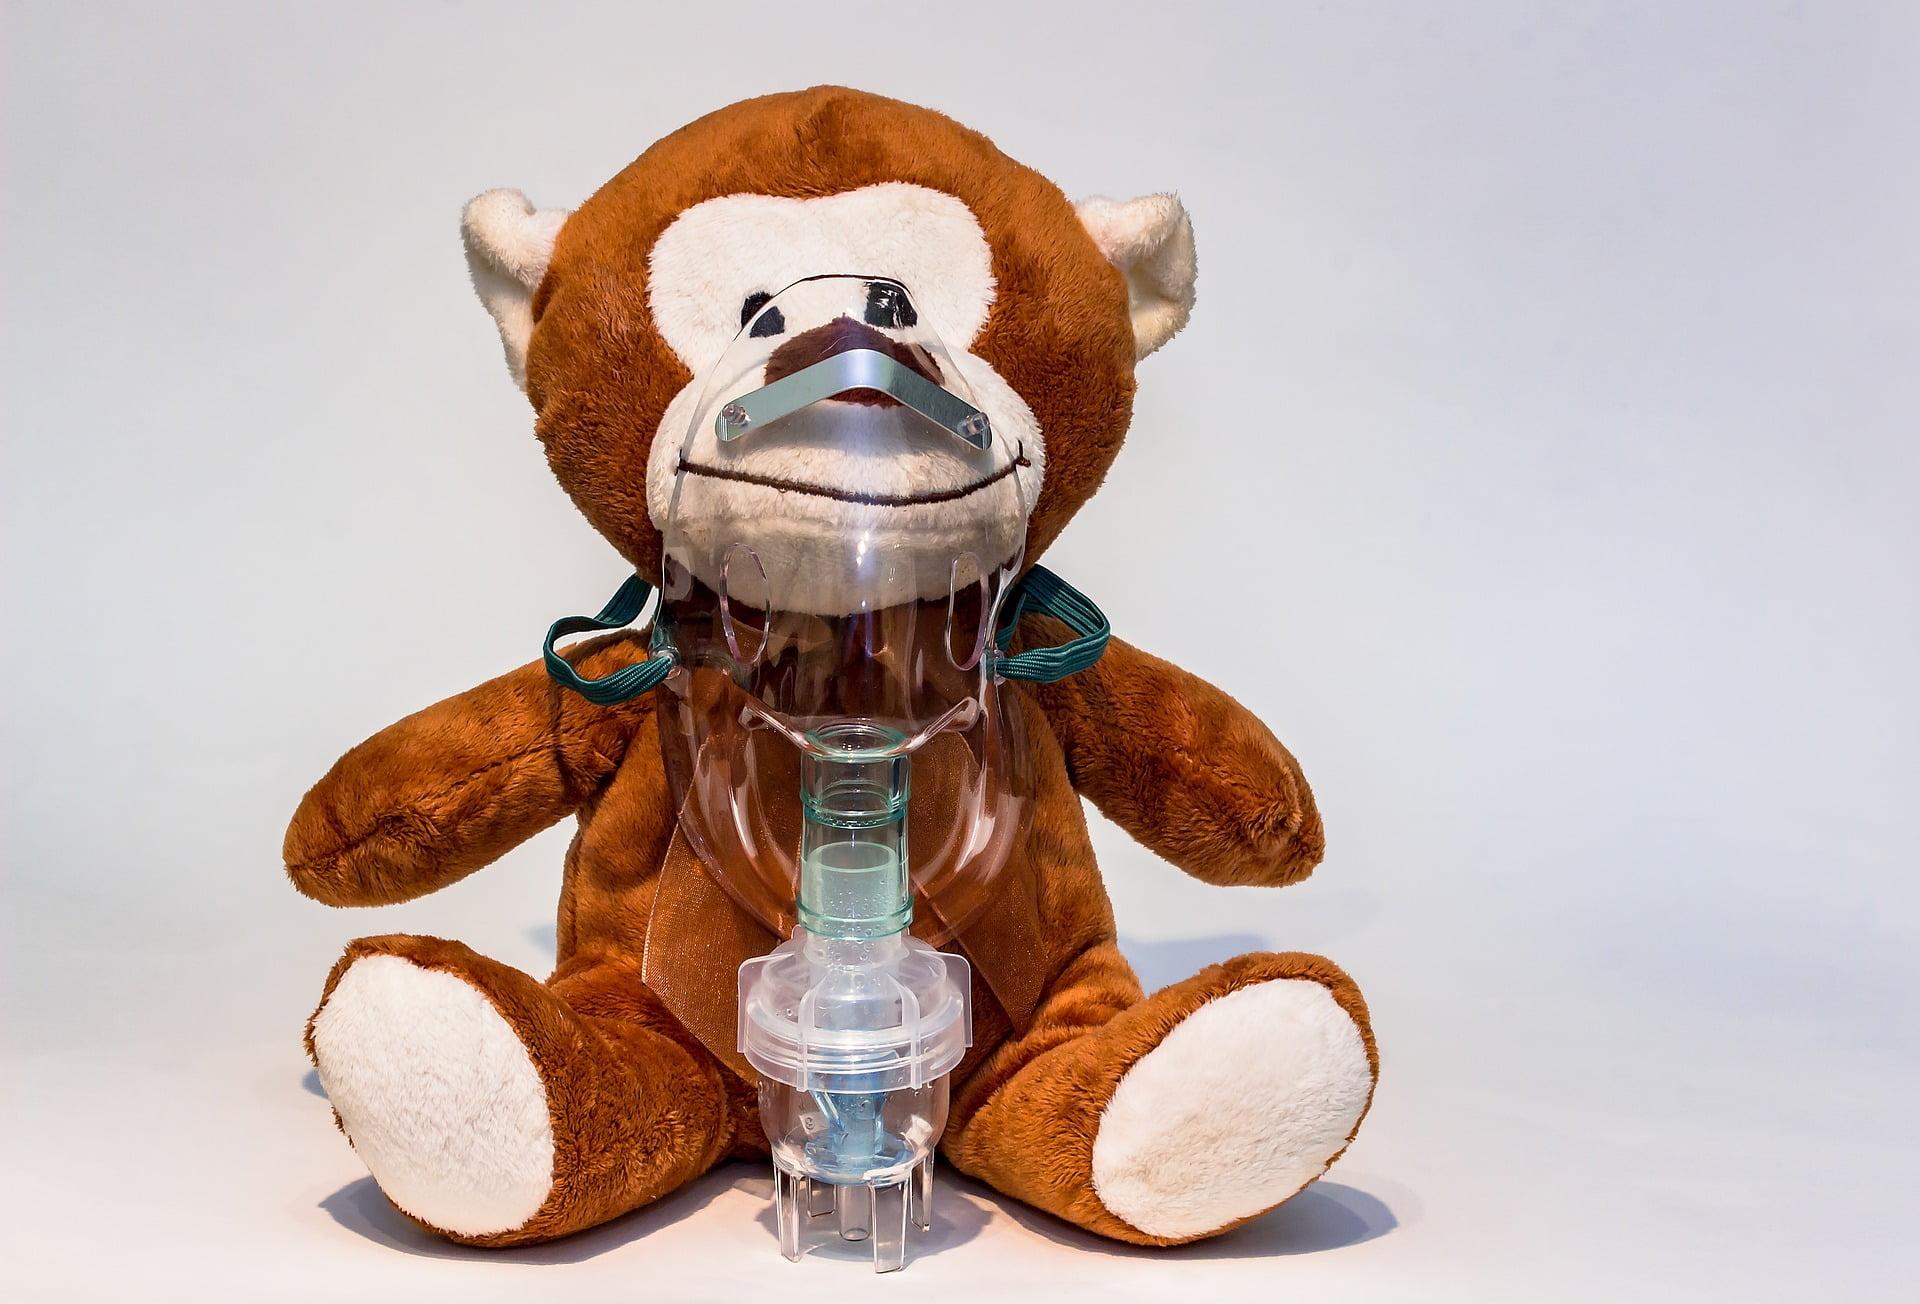 Terapia cu aerosoli la copii. Sfaturi utile pentru a începe terapia la momentul potrivit